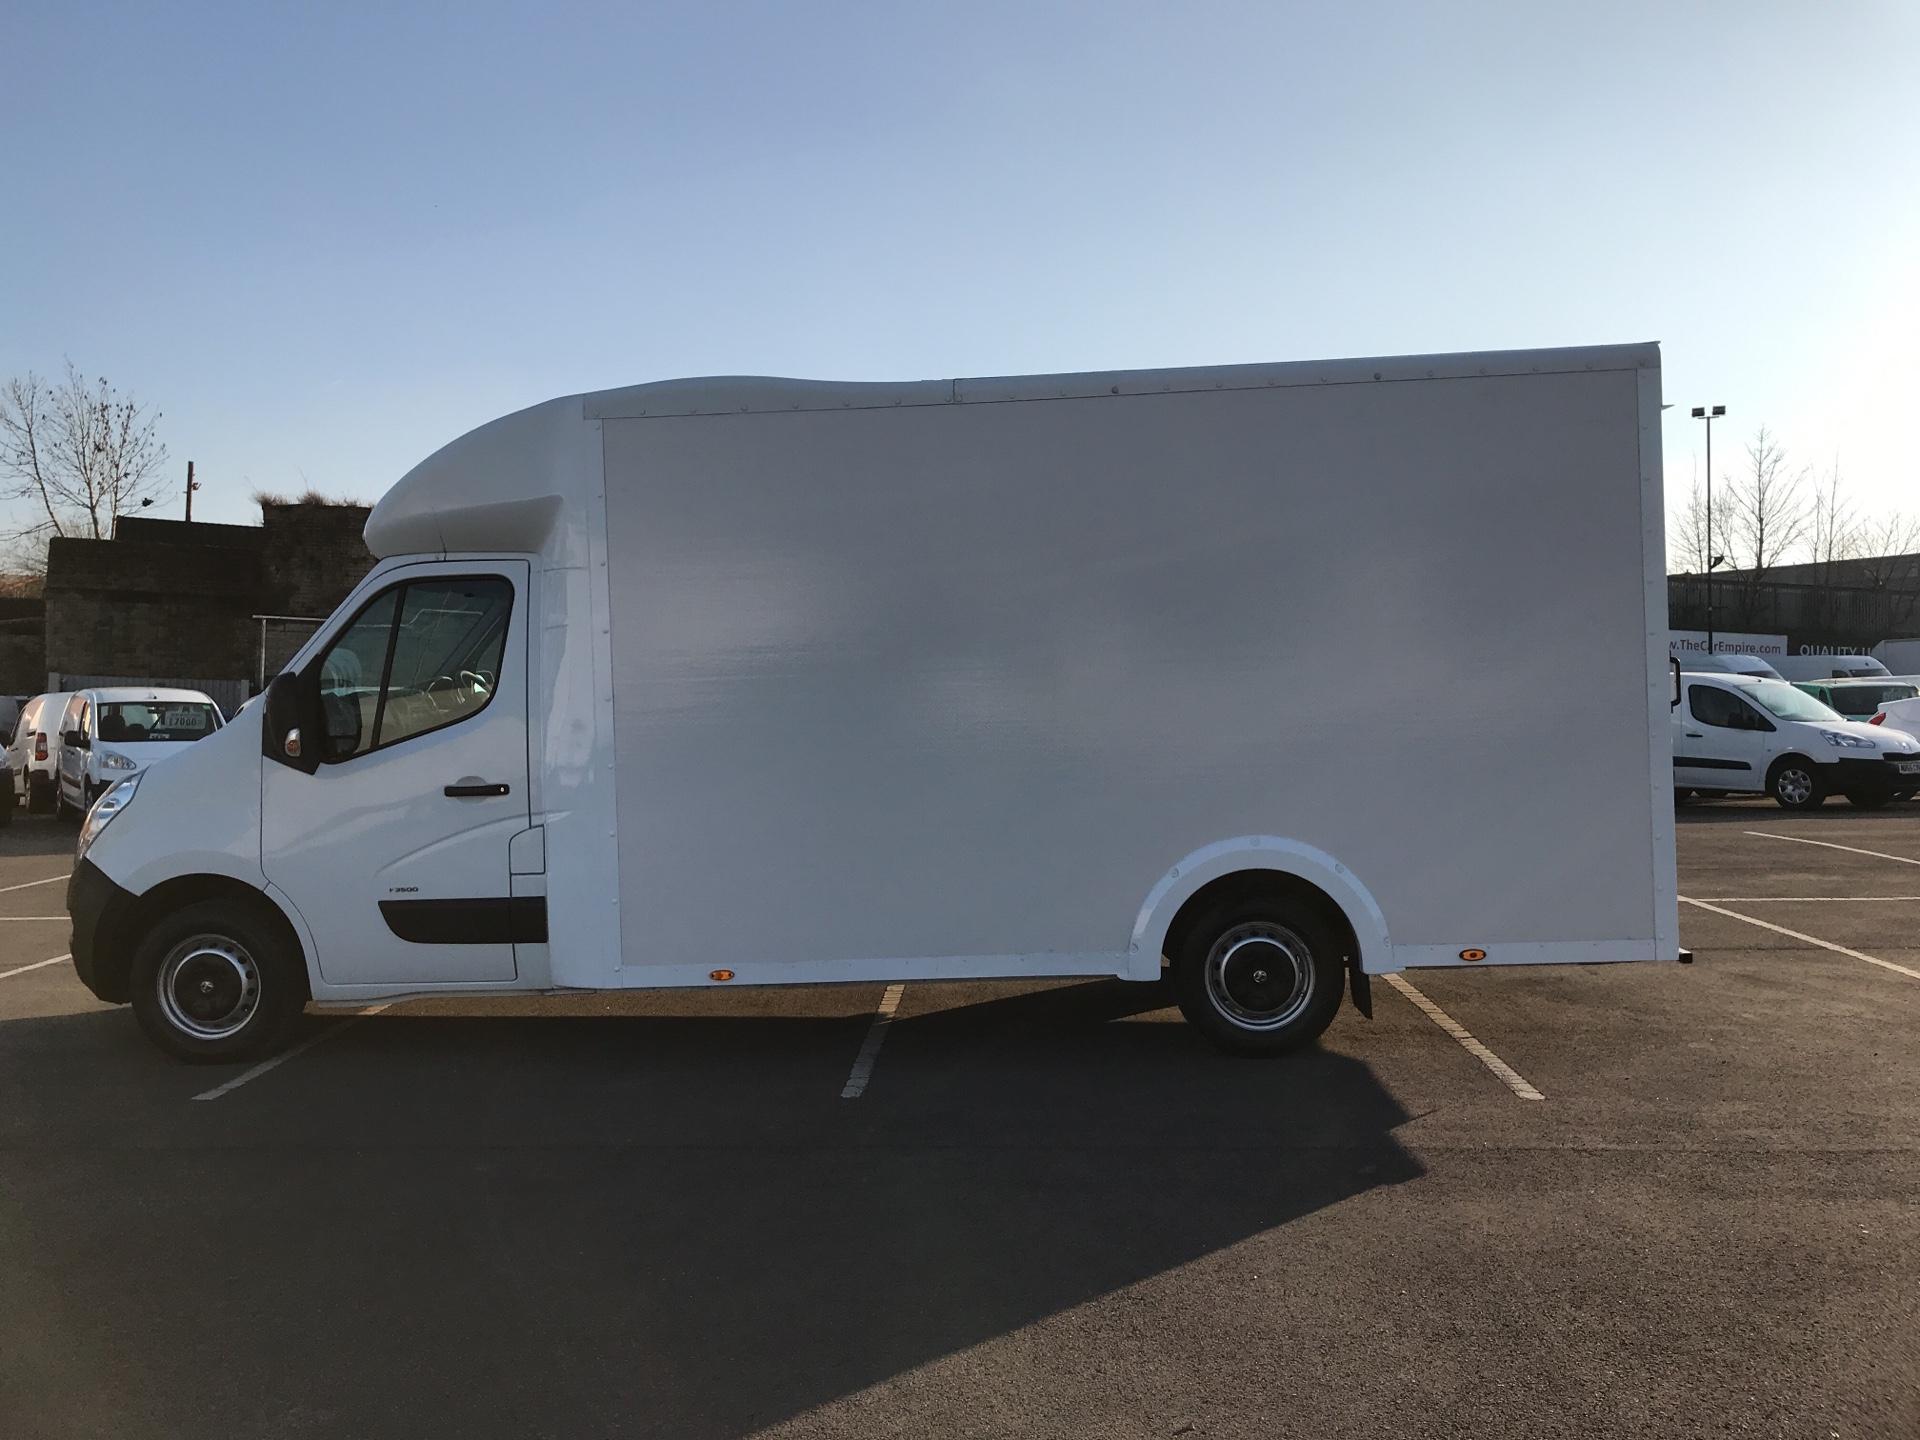 2016 Vauxhall Movano 2.3 Cdti LWB LO Loader Luton Box Van Euro 6  (DU66TBV) Image 6